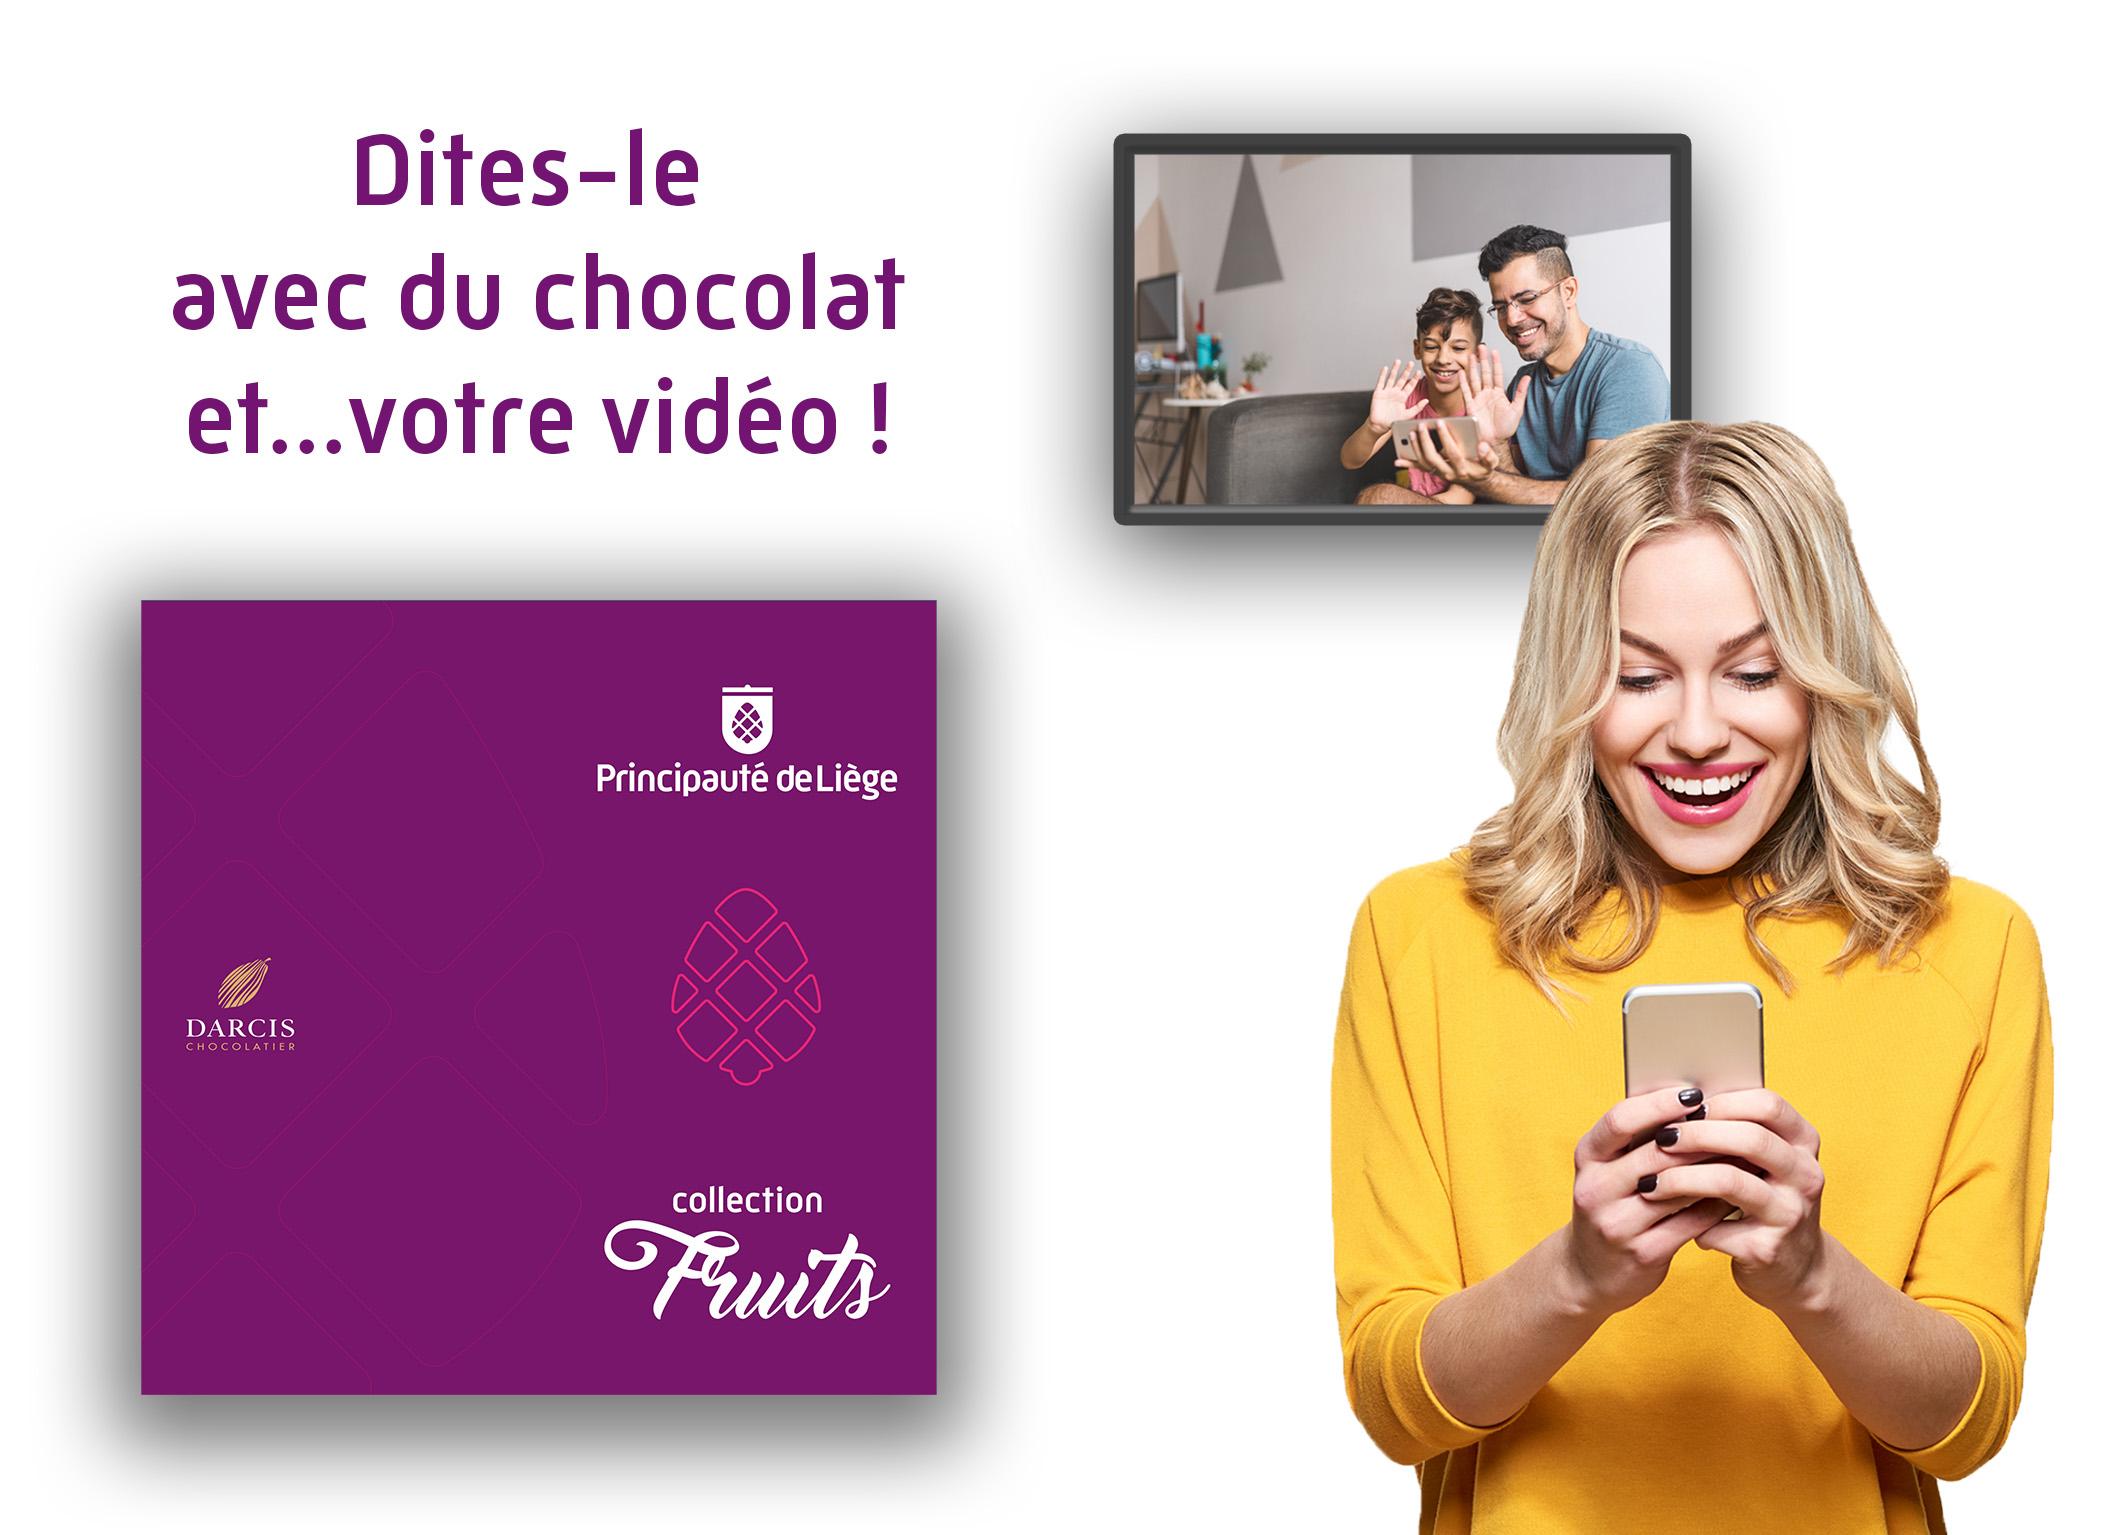 Dites-le avec du chocolat...et votre vidéo !